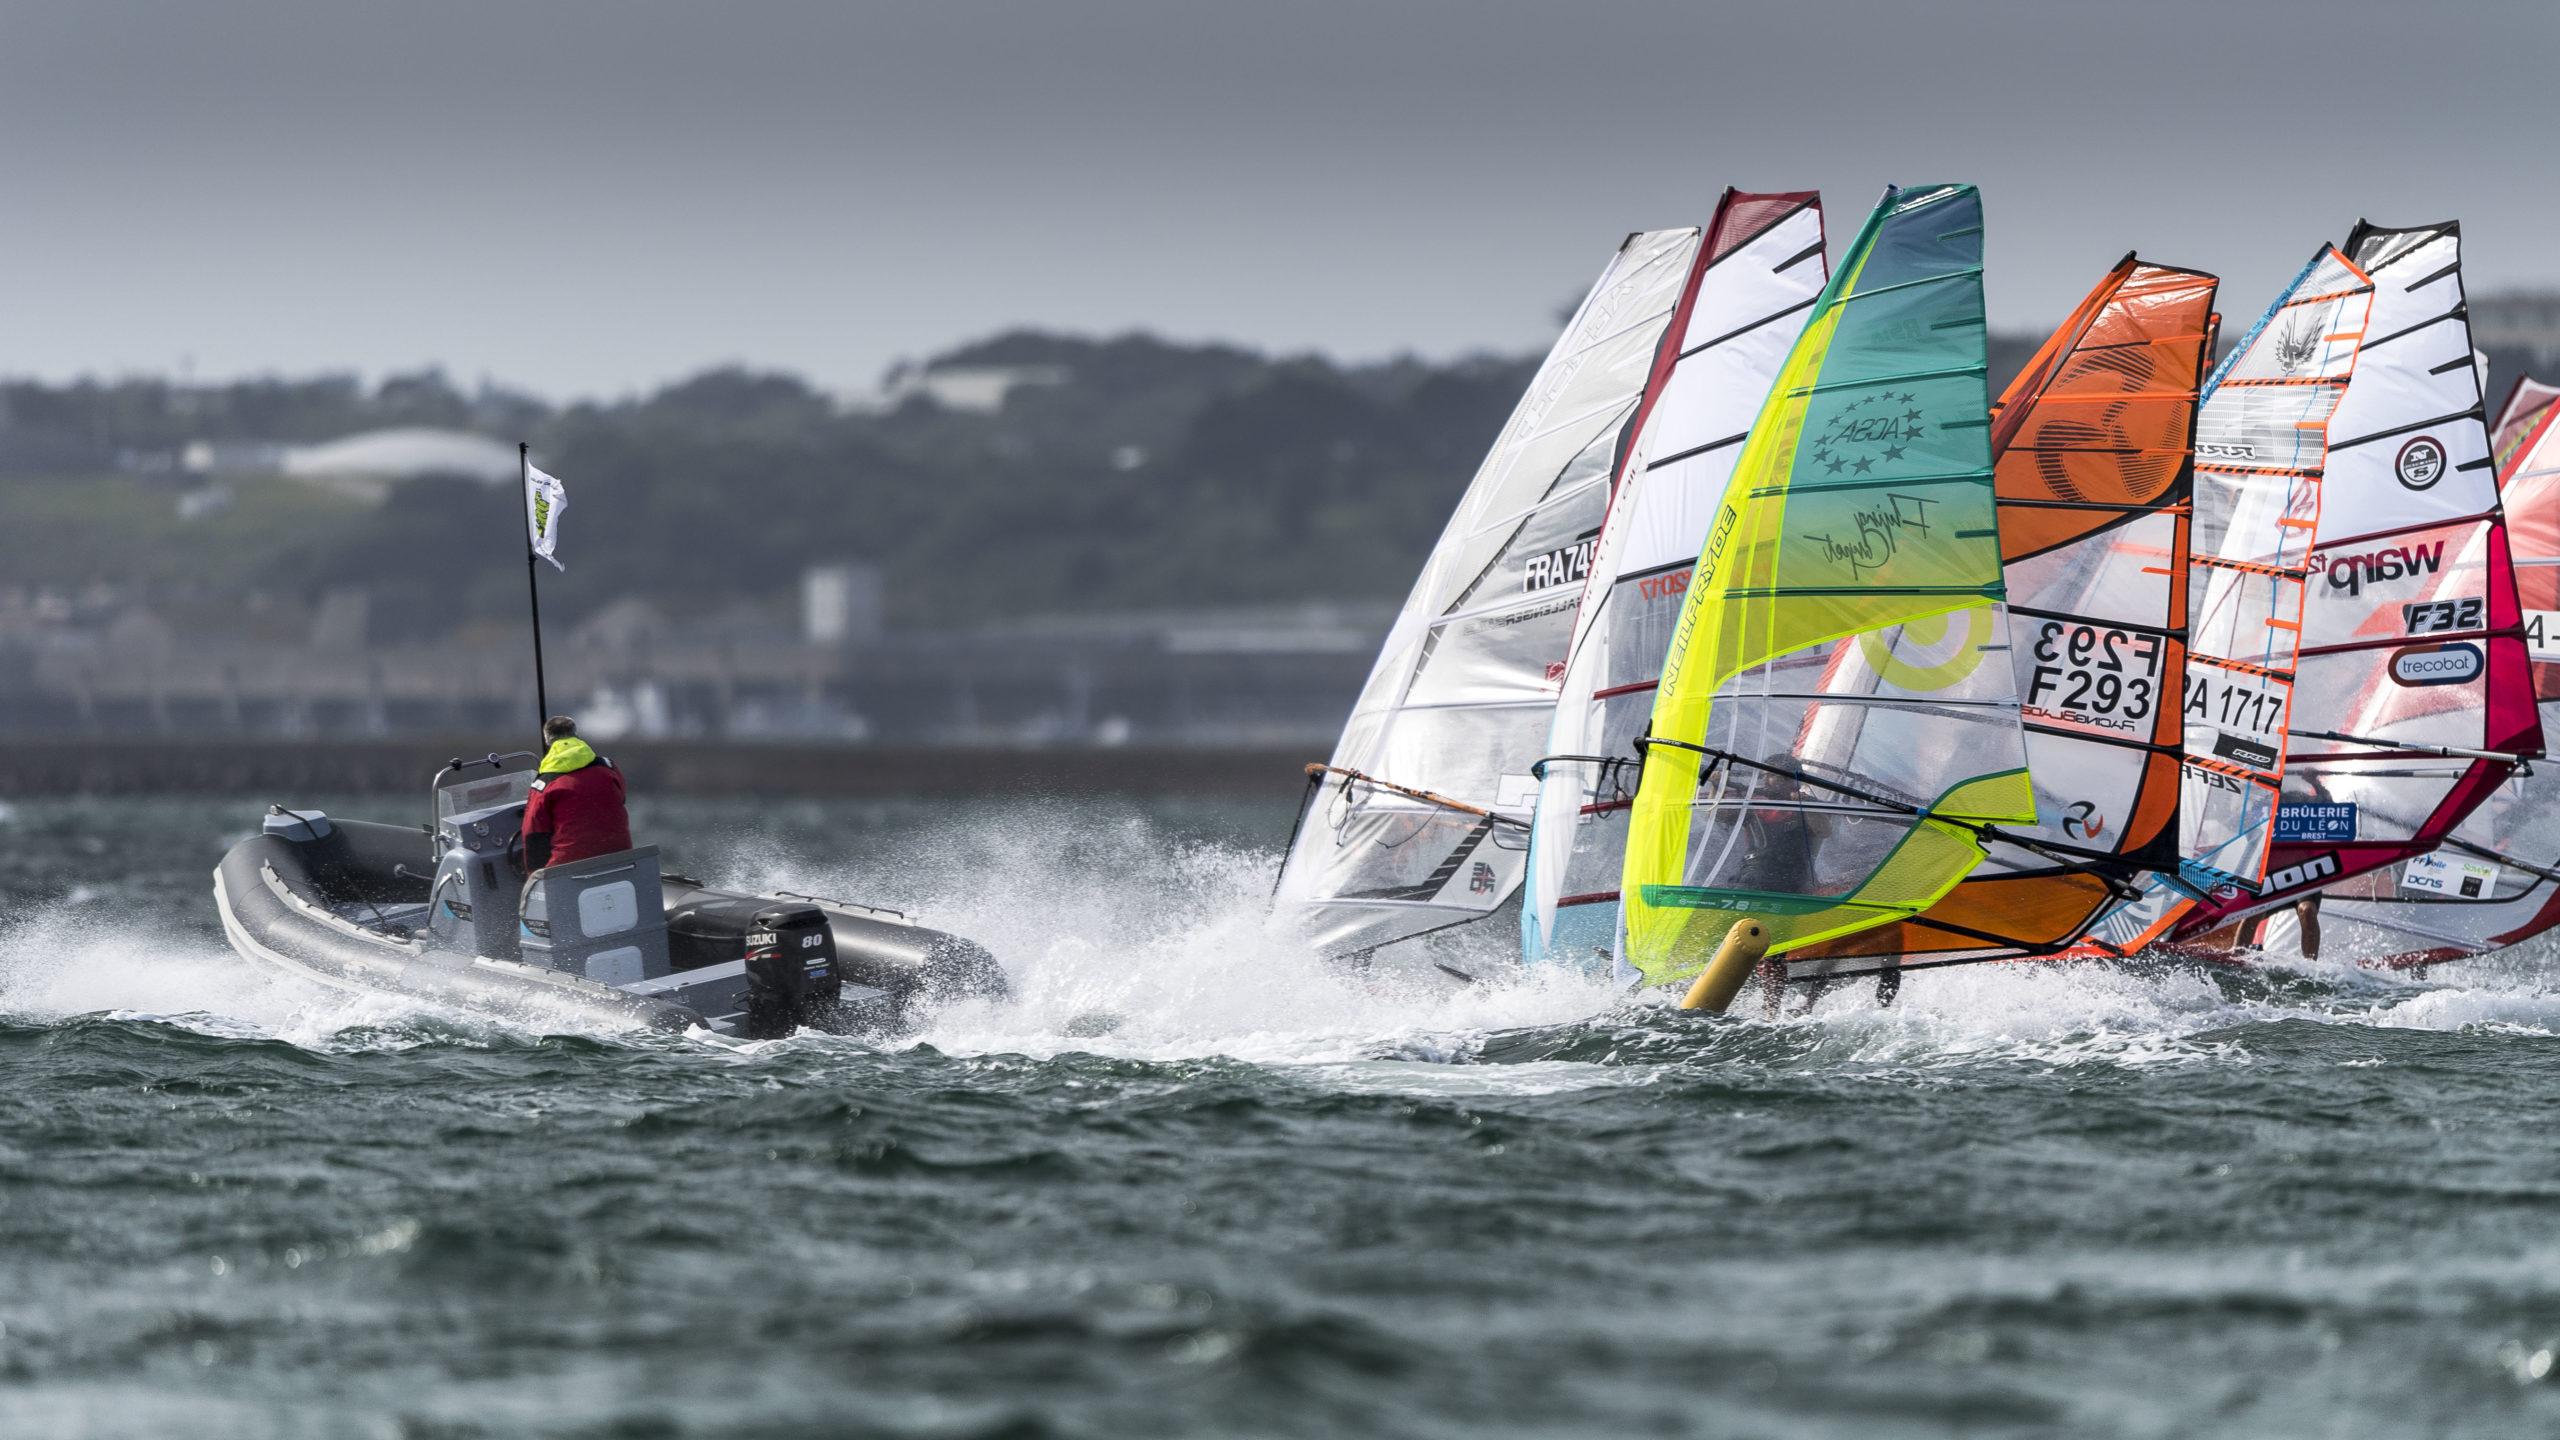 photographie-sports-nautiques-6